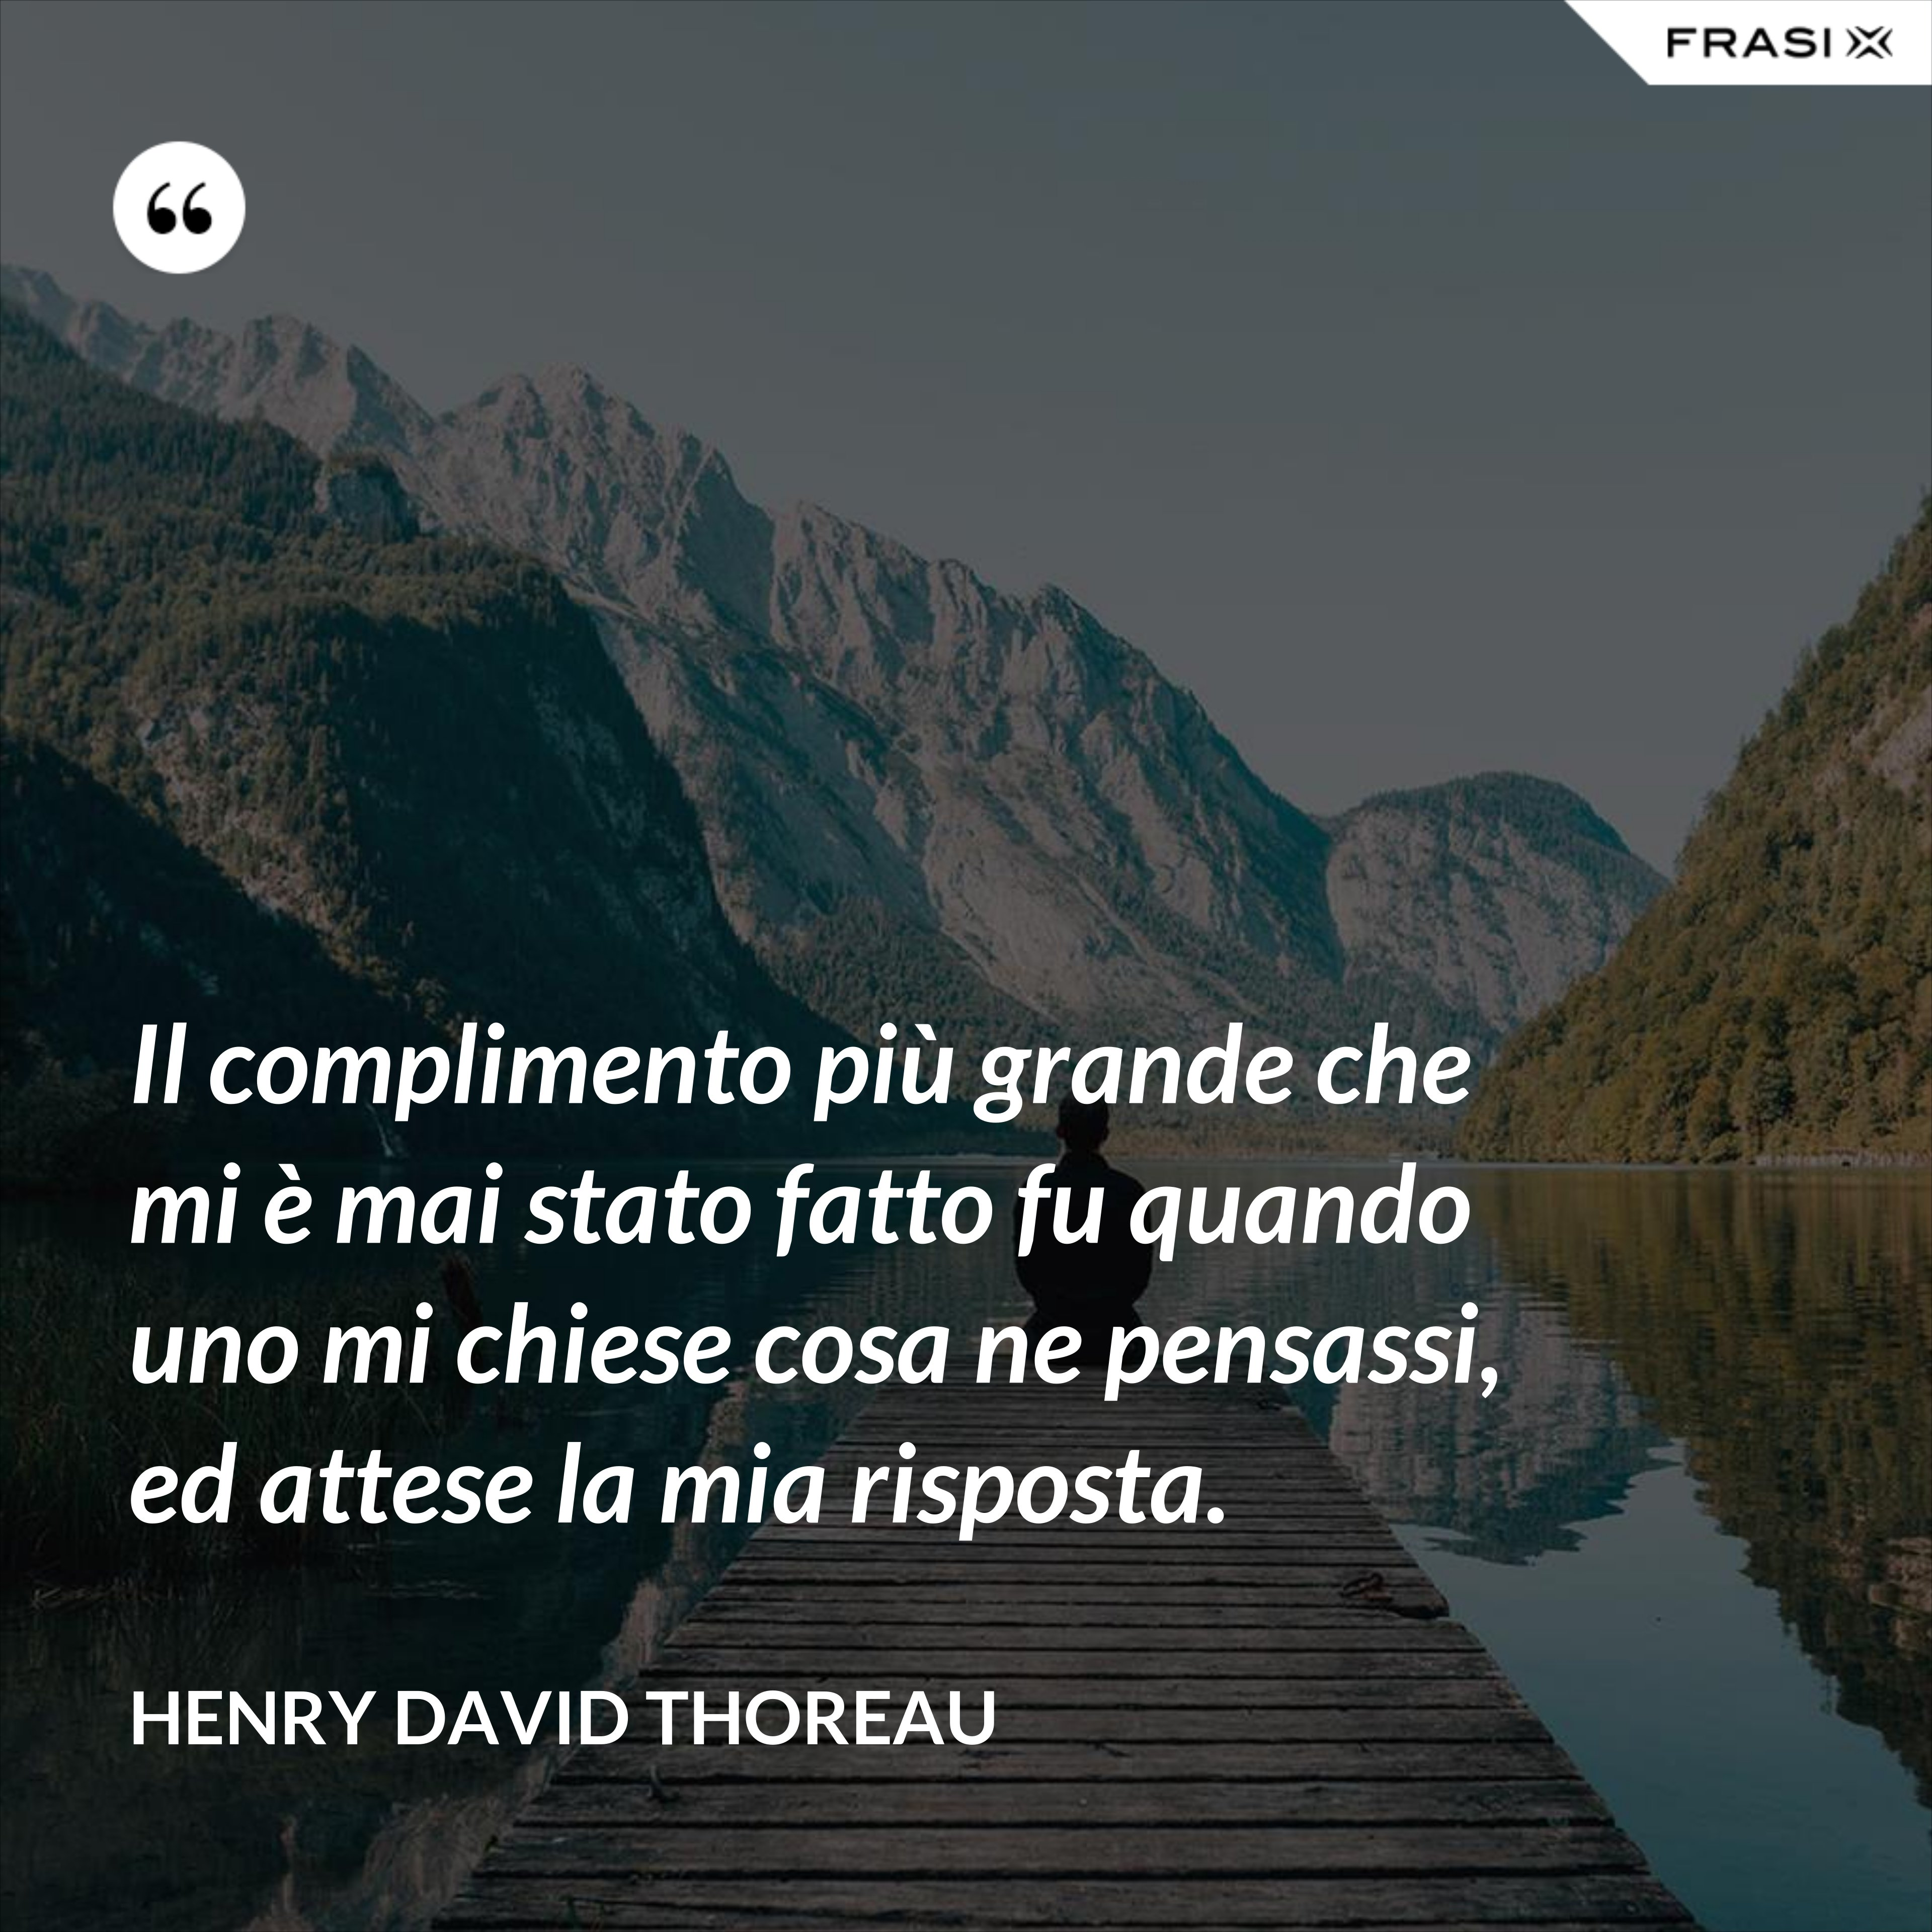 Il complimento più grande che mi è mai stato fatto fu quando uno mi chiese cosa ne pensassi, ed attese la mia risposta. - Henry David Thoreau